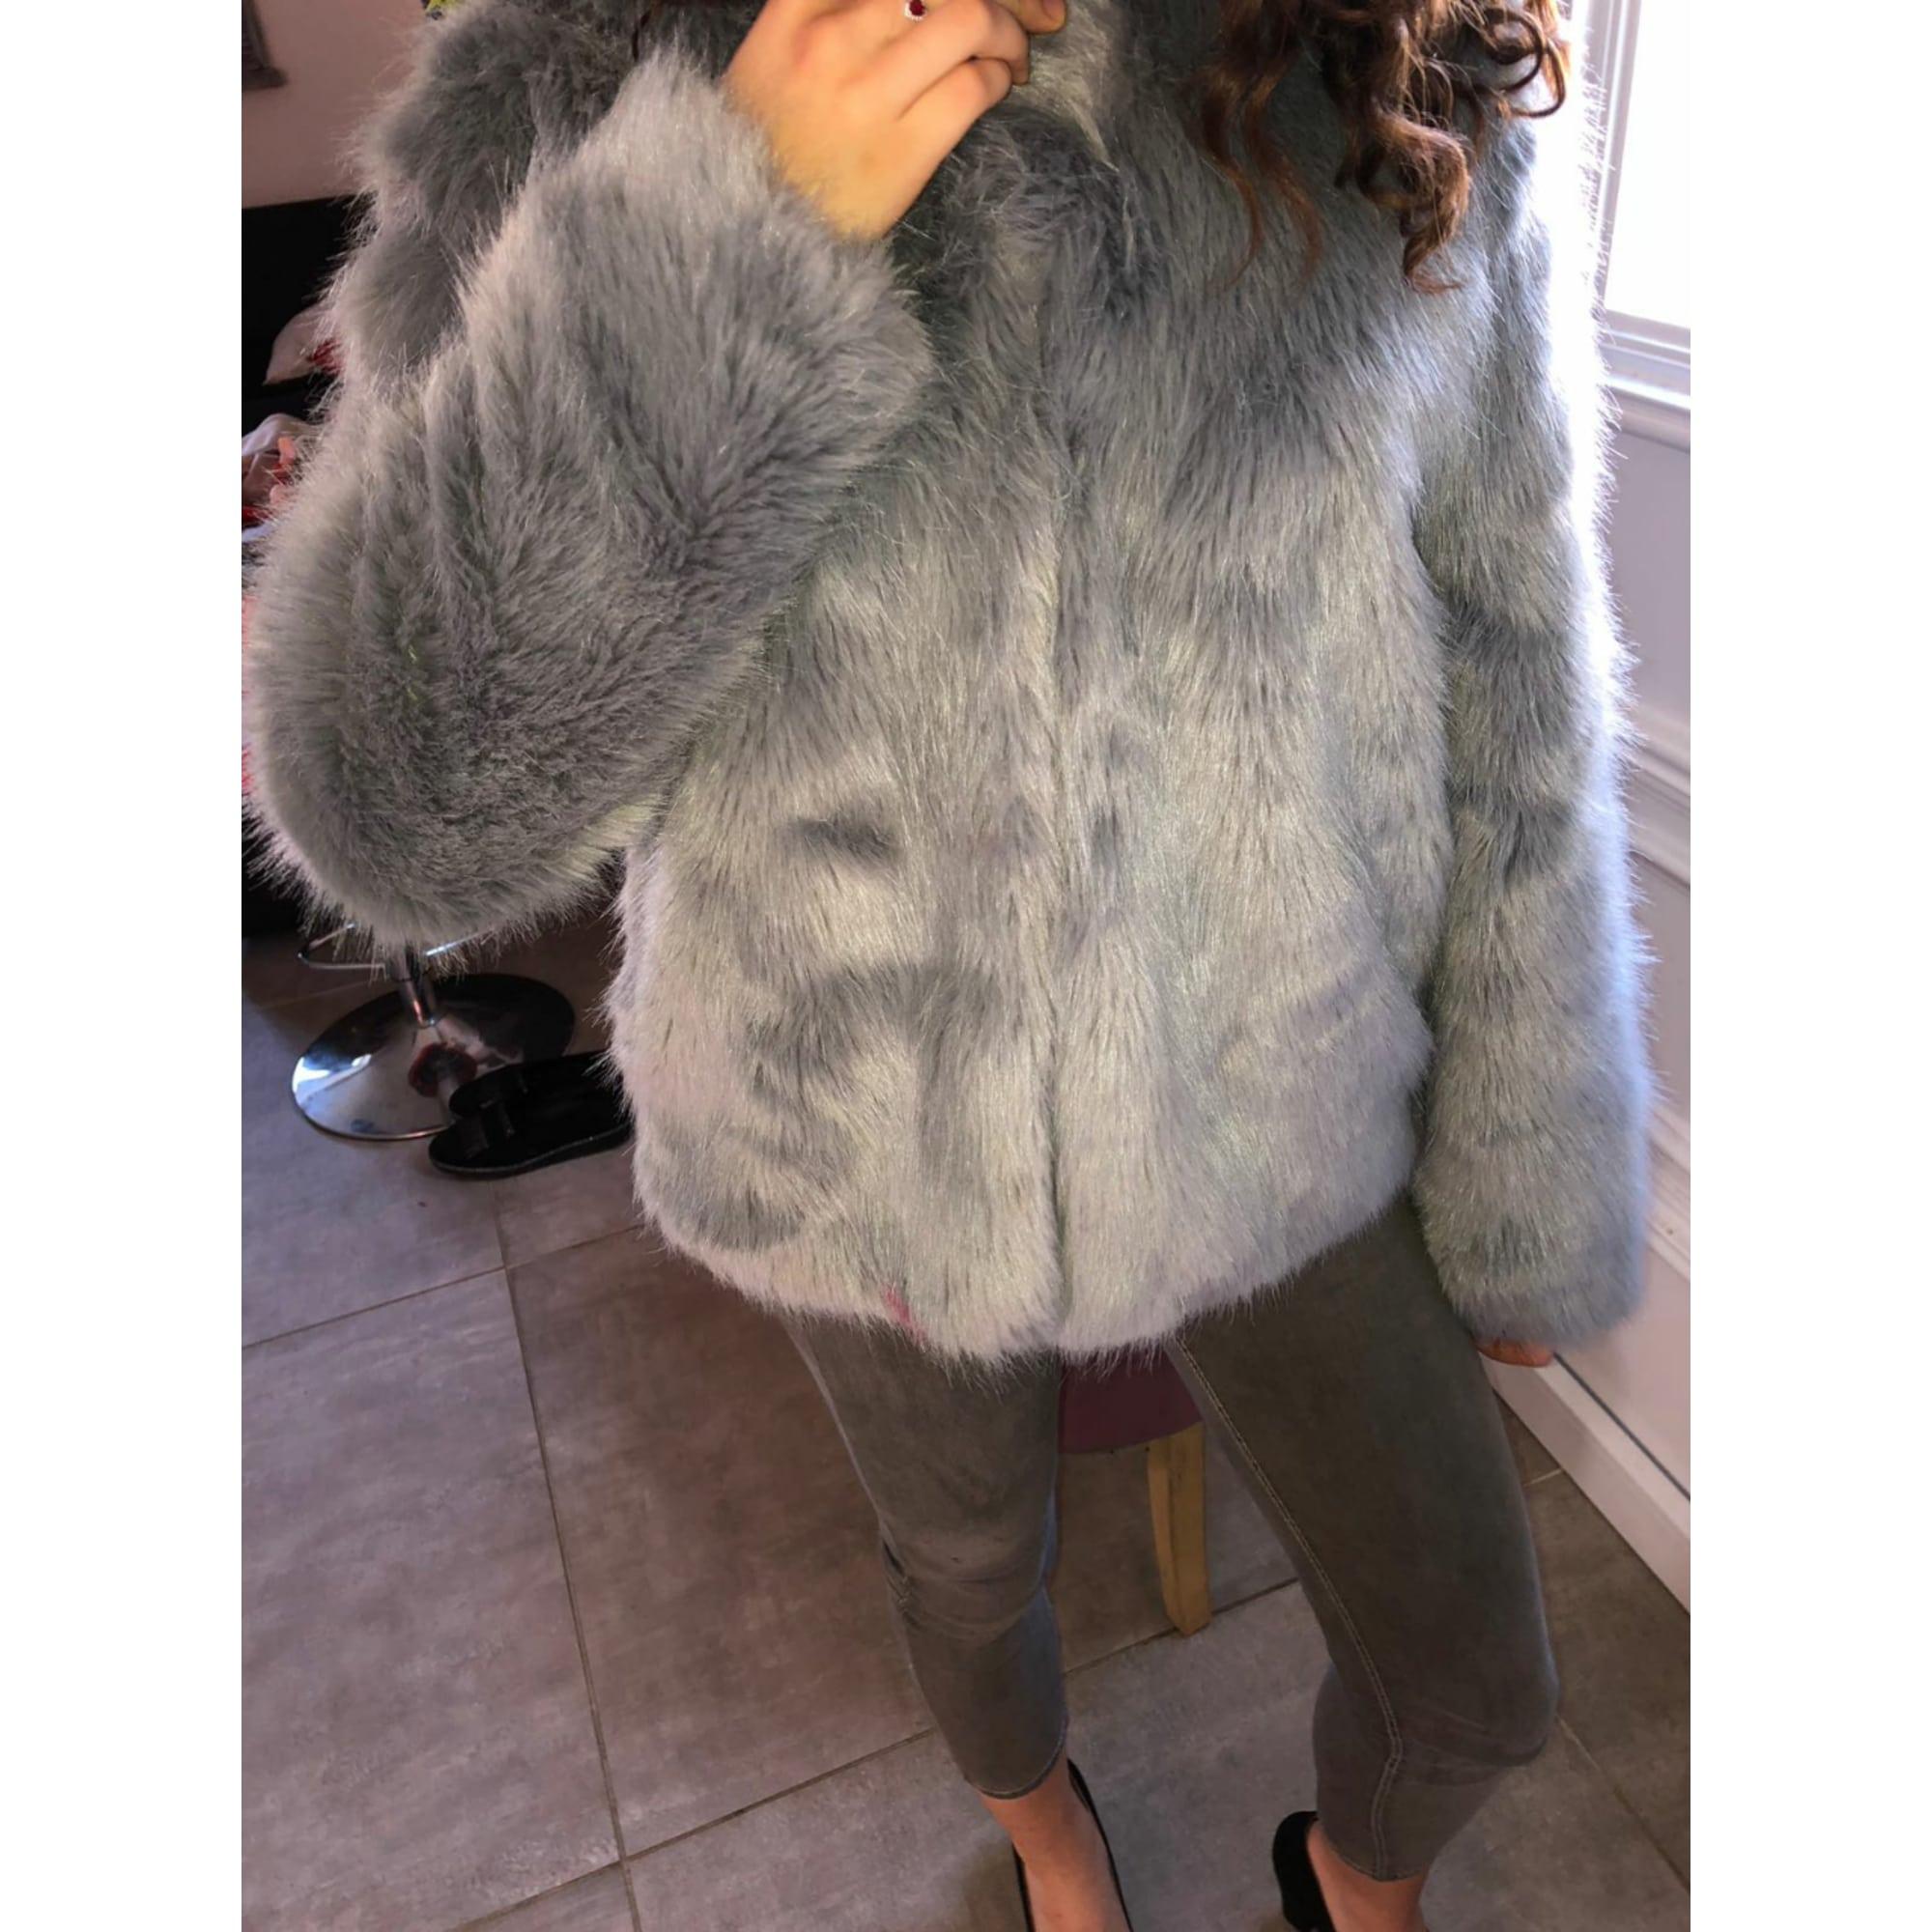 Comment porter manteau gris clair femme